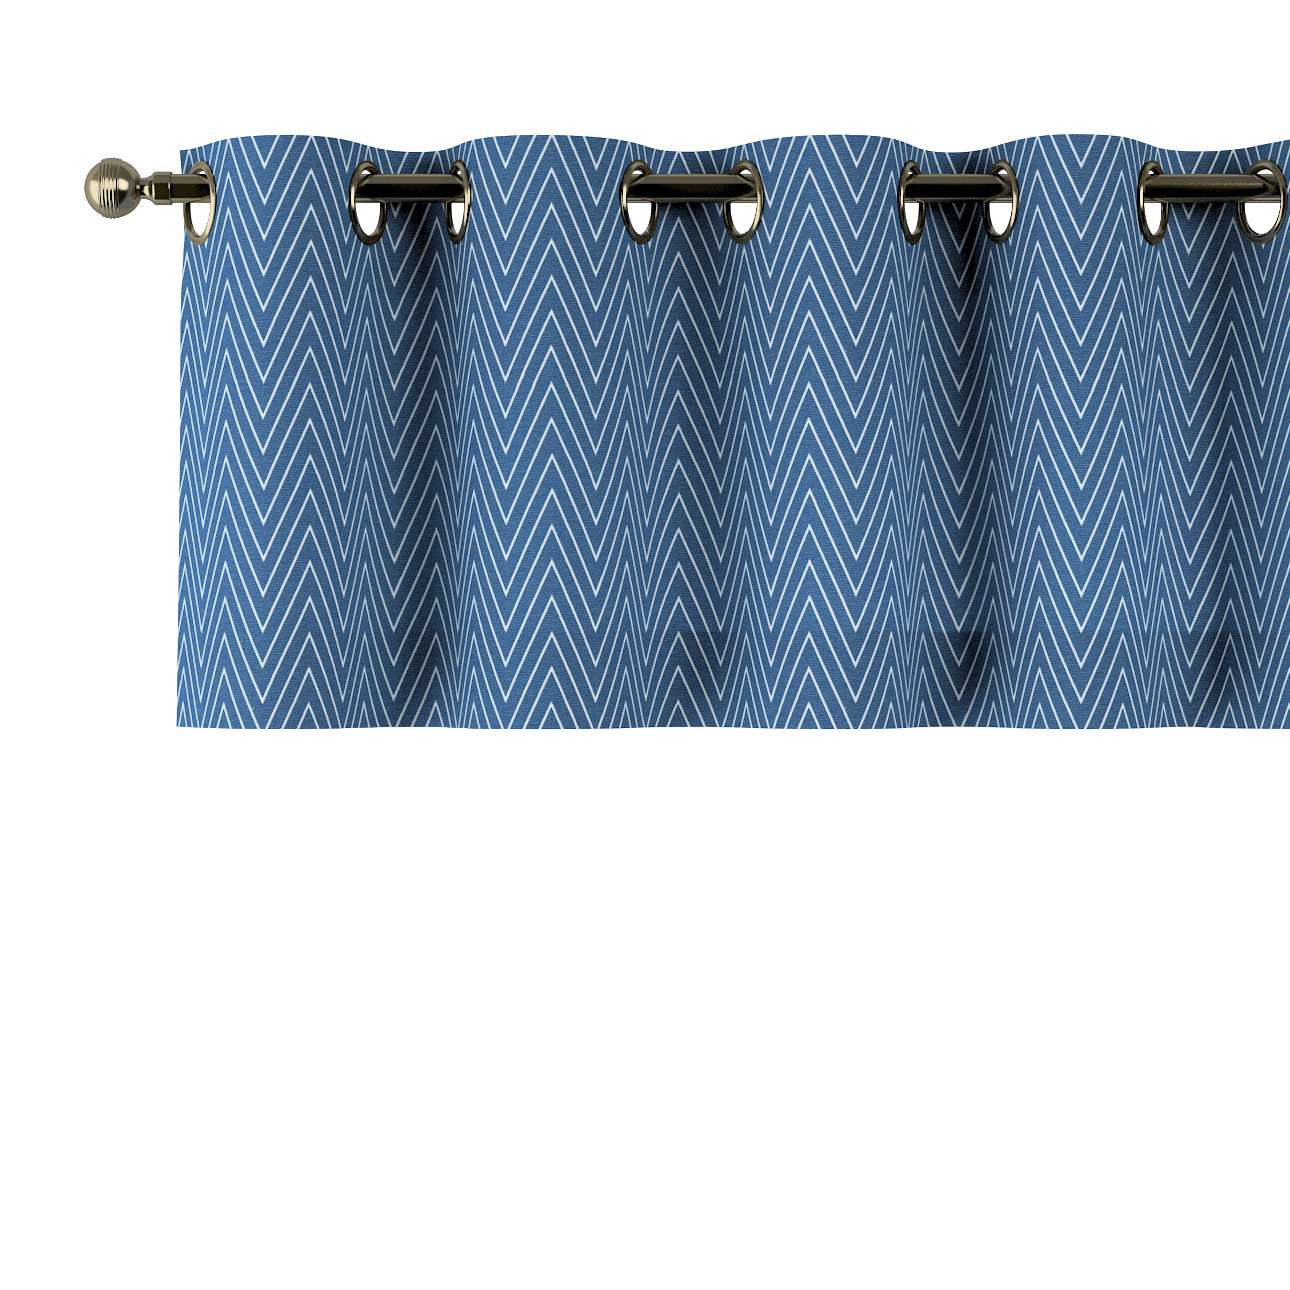 Trumpa užuolaidėlė (lambrekenas) žiedinis klostavimas 130x40cm kolekcijoje Brooklyn, audinys: 137-88